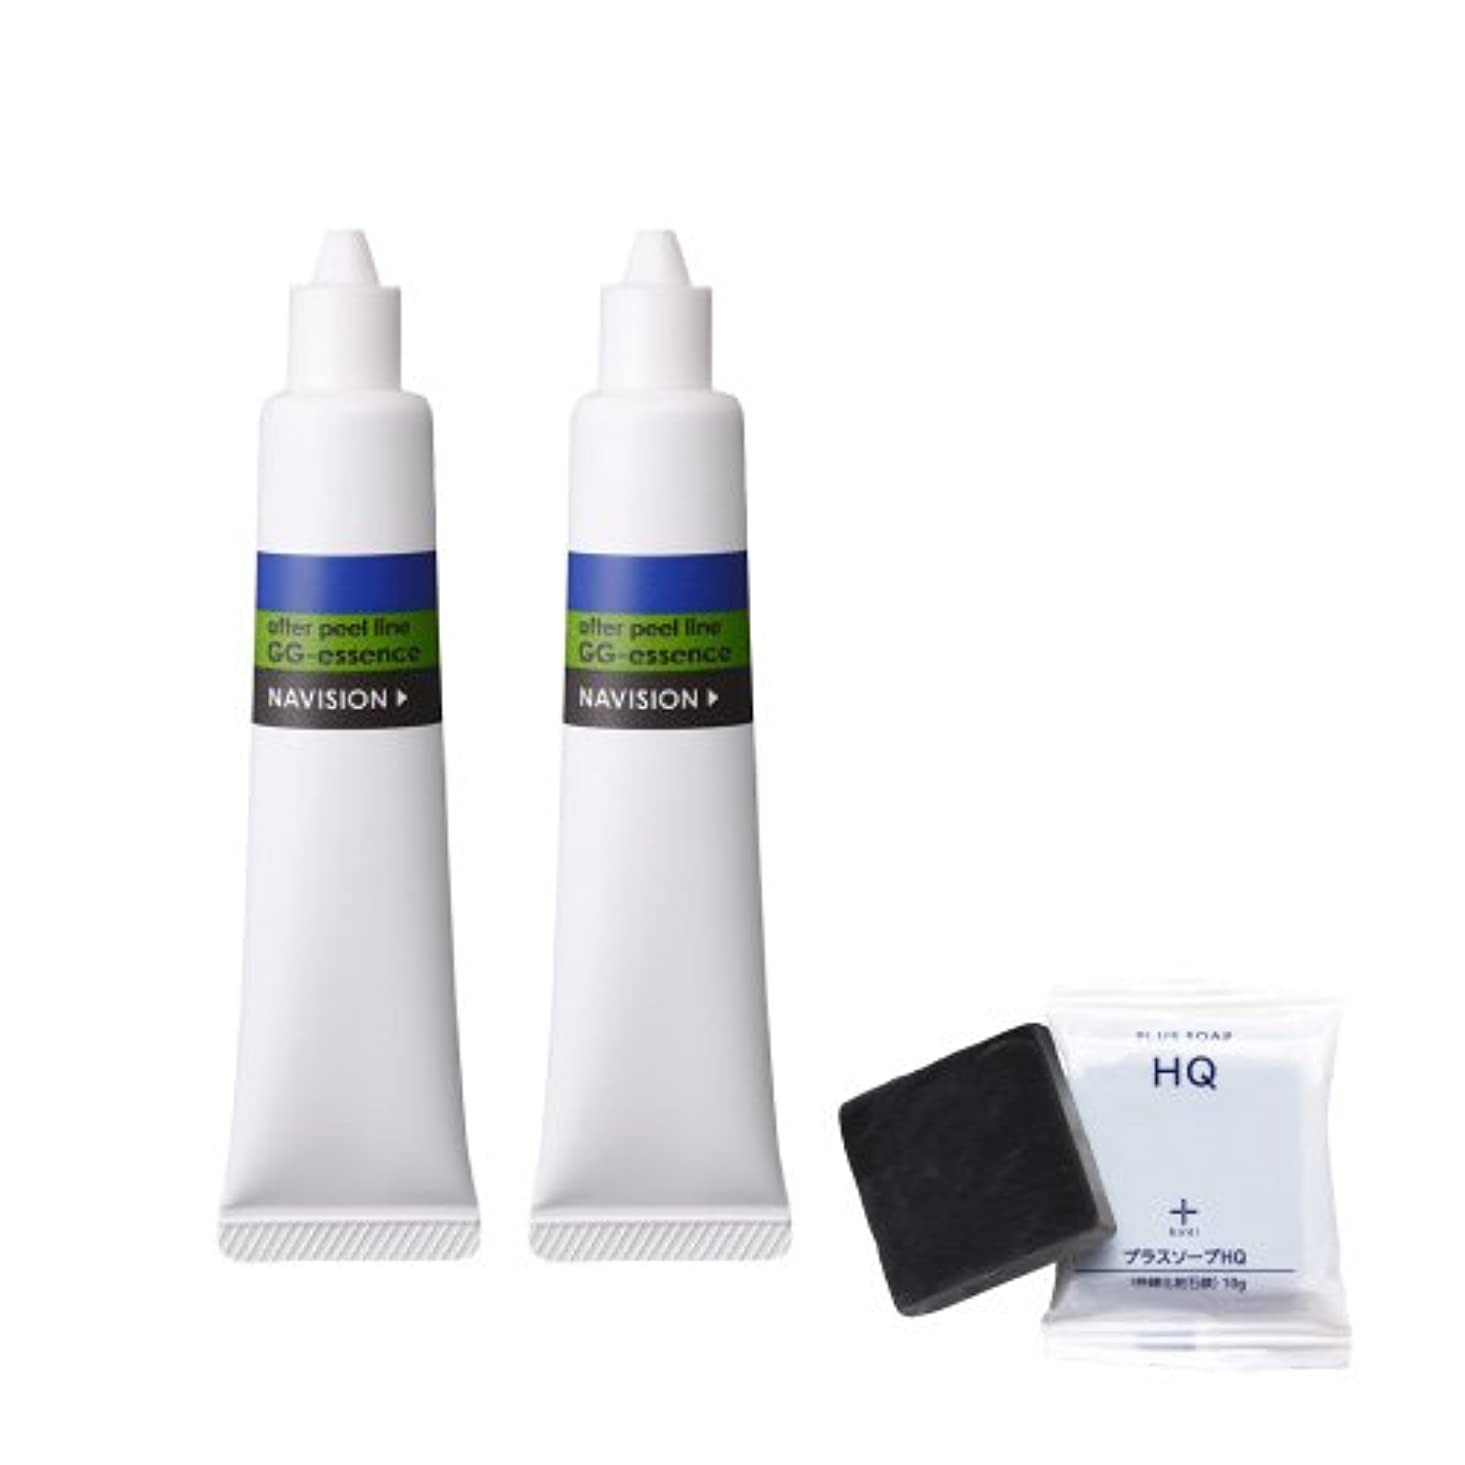 成長するからマーキーナビジョン GGエッセンス 美容液 2本 + プラスソープHQミニ